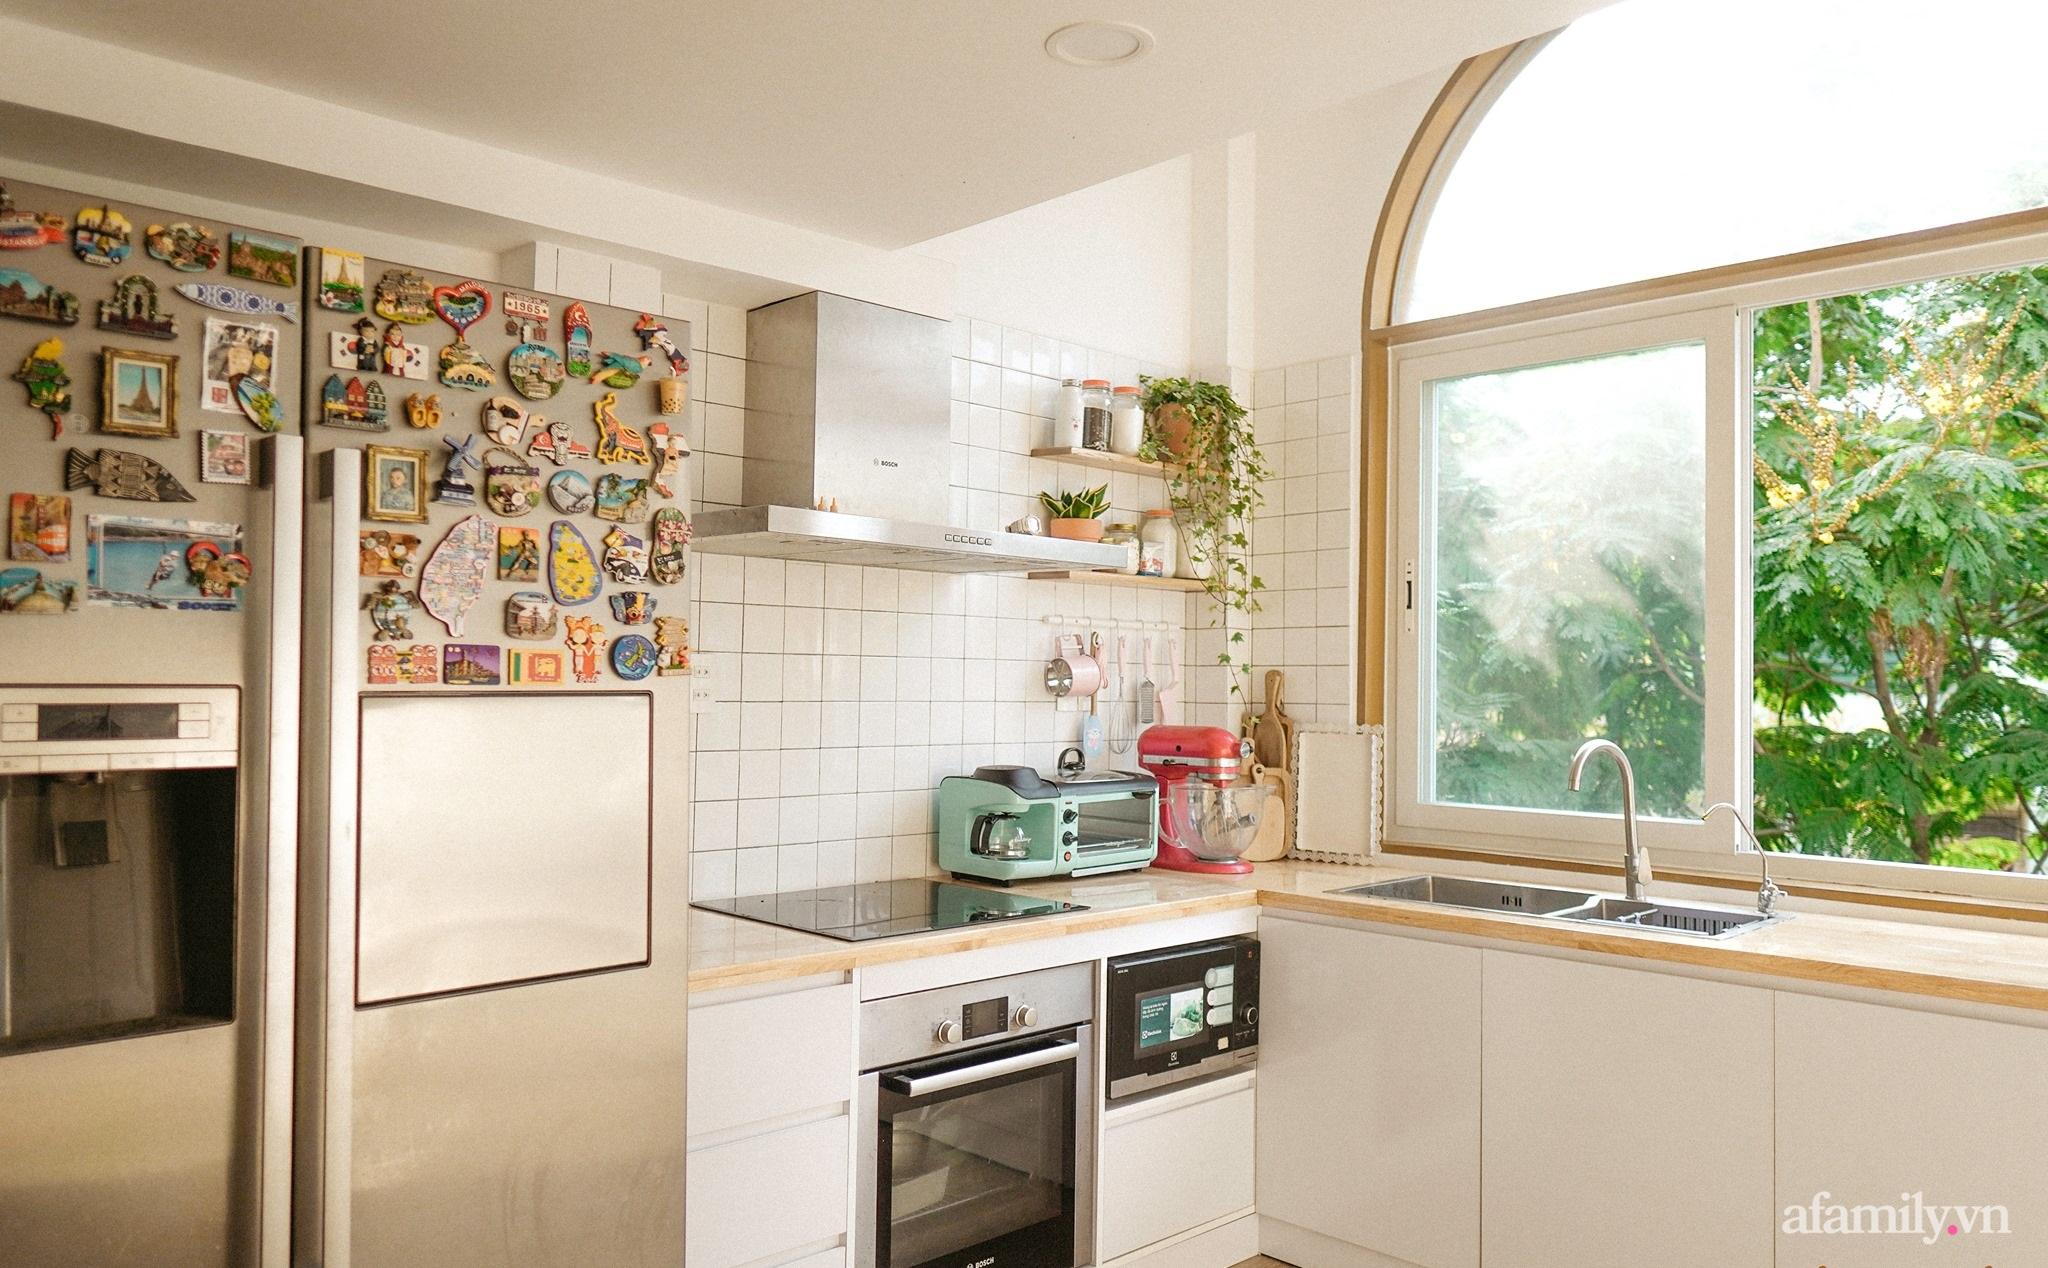 """Căn bếp """"lạ đời"""" trên tầng 4 trong căn nhà phố Sài Gòn luôn thơm nức mùi bơ bánh - Ảnh 3."""